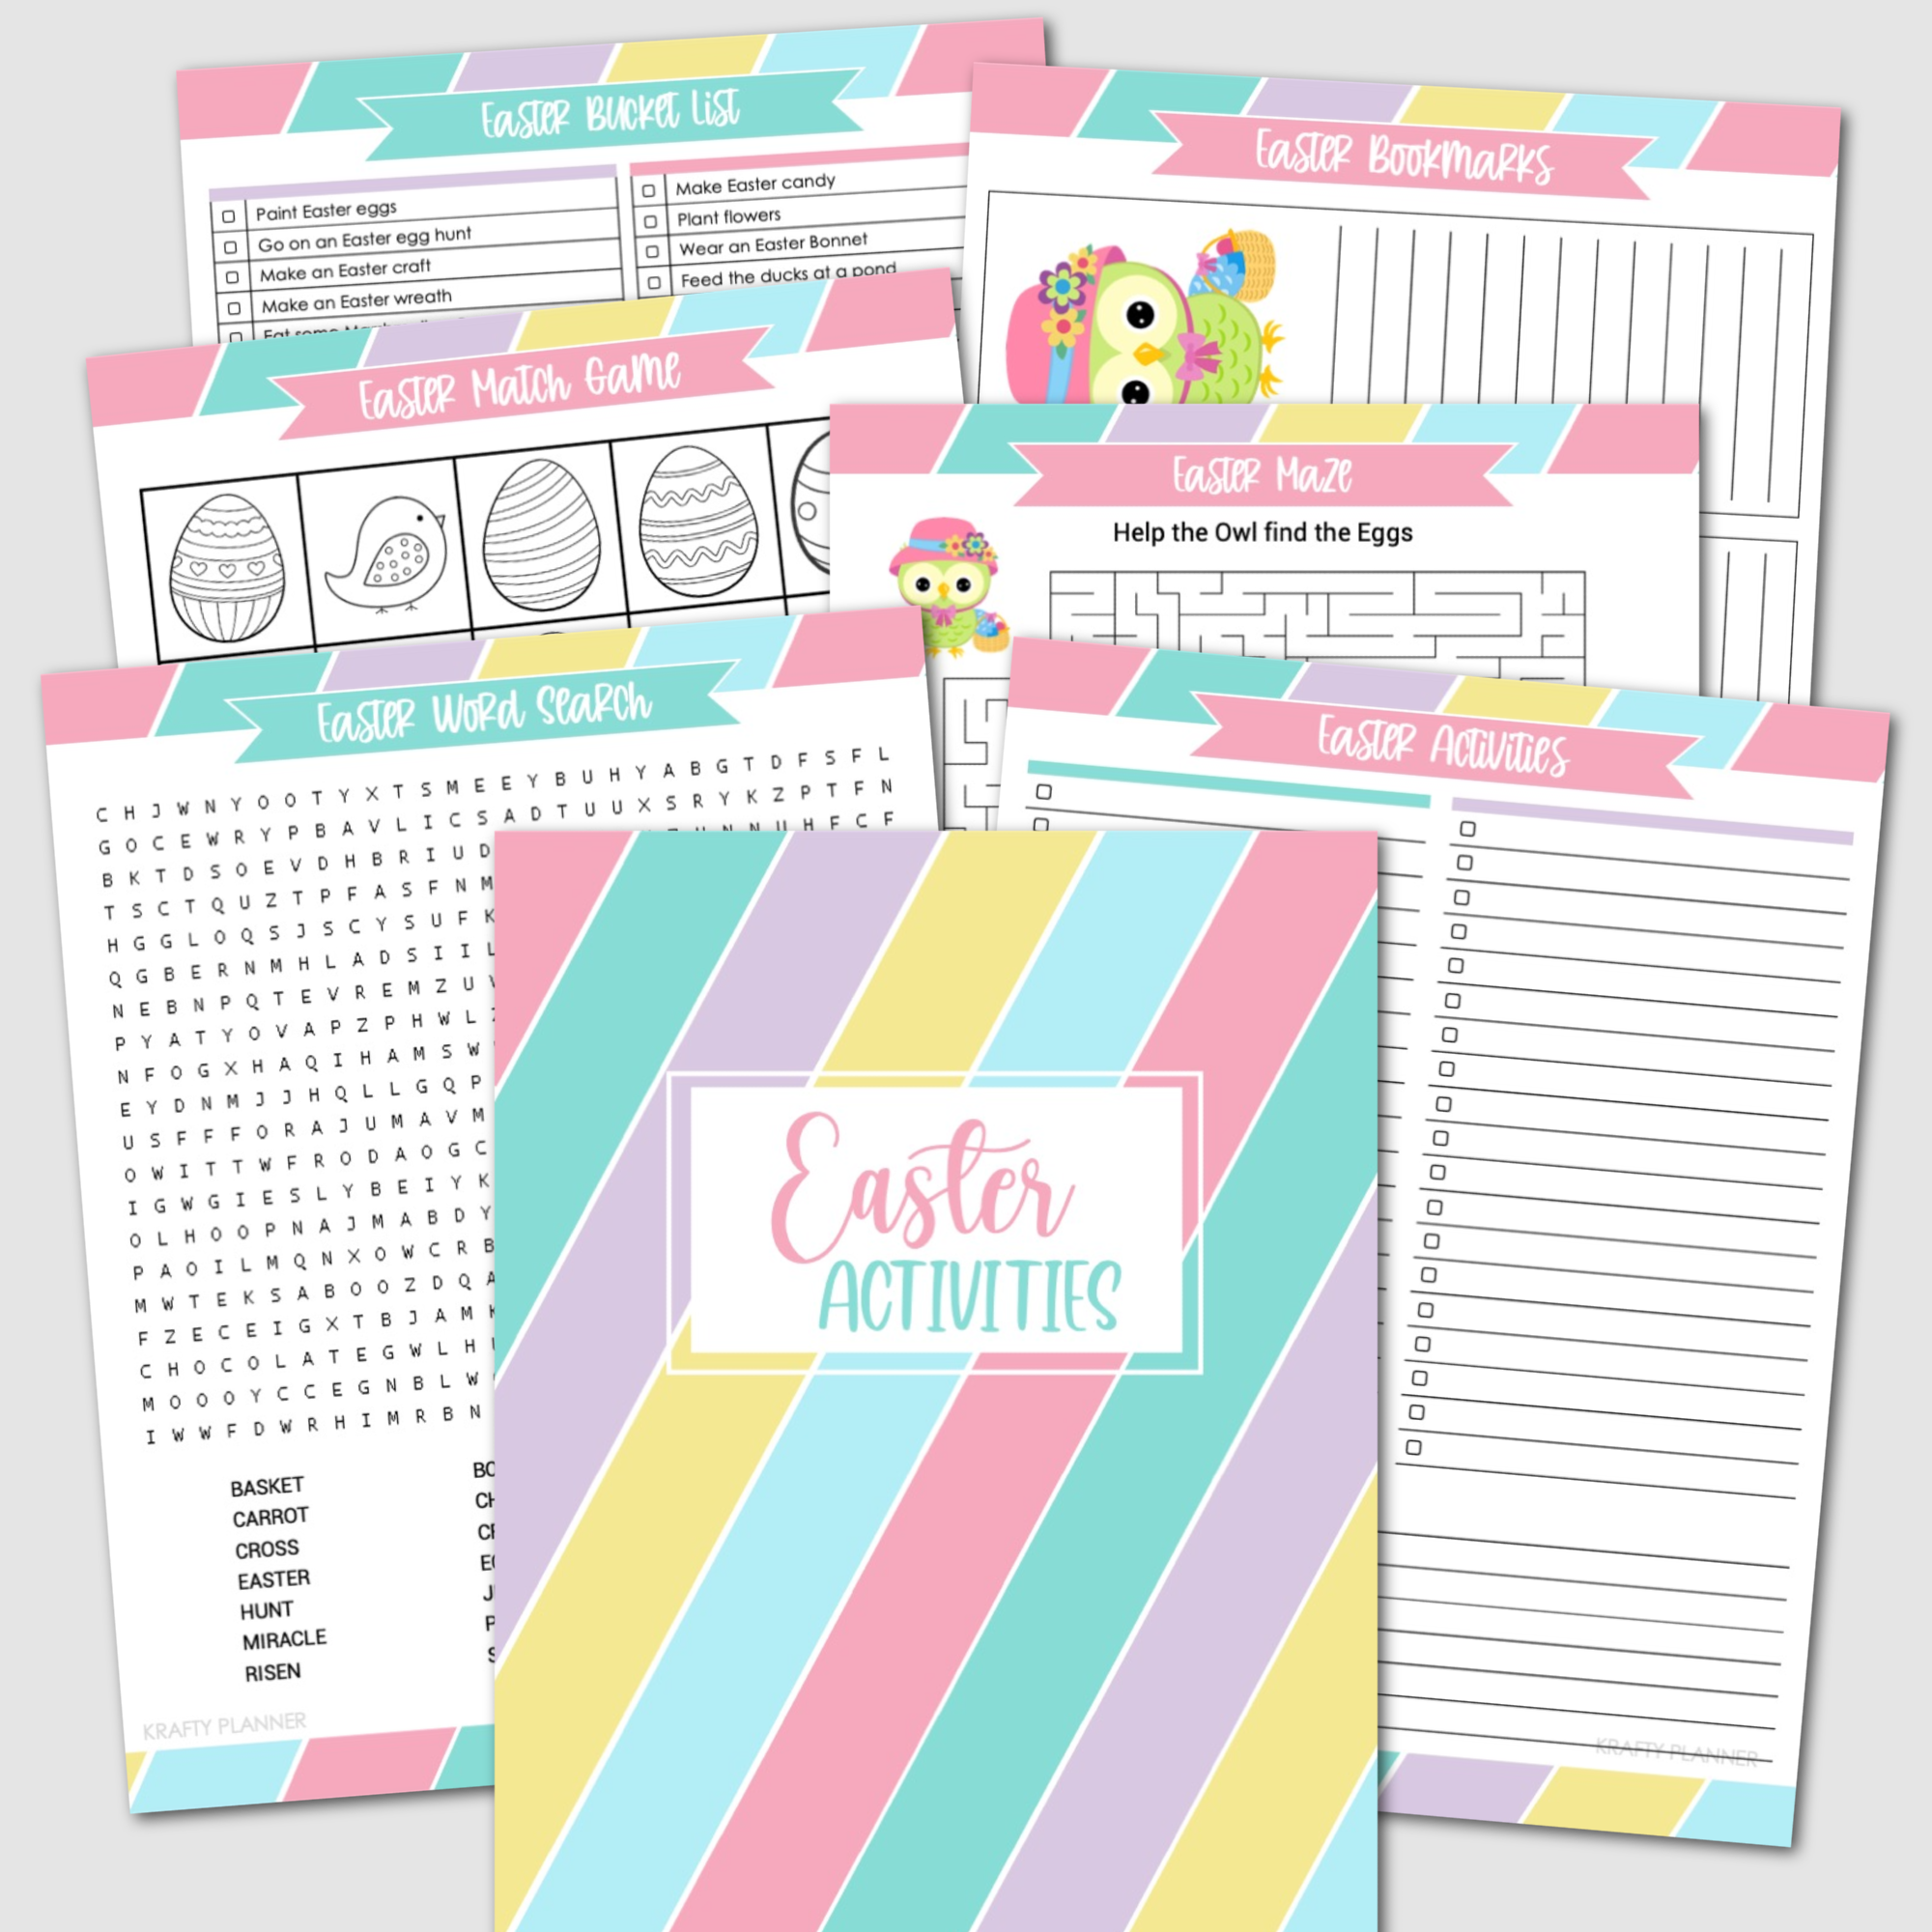 Easter binder activities.png